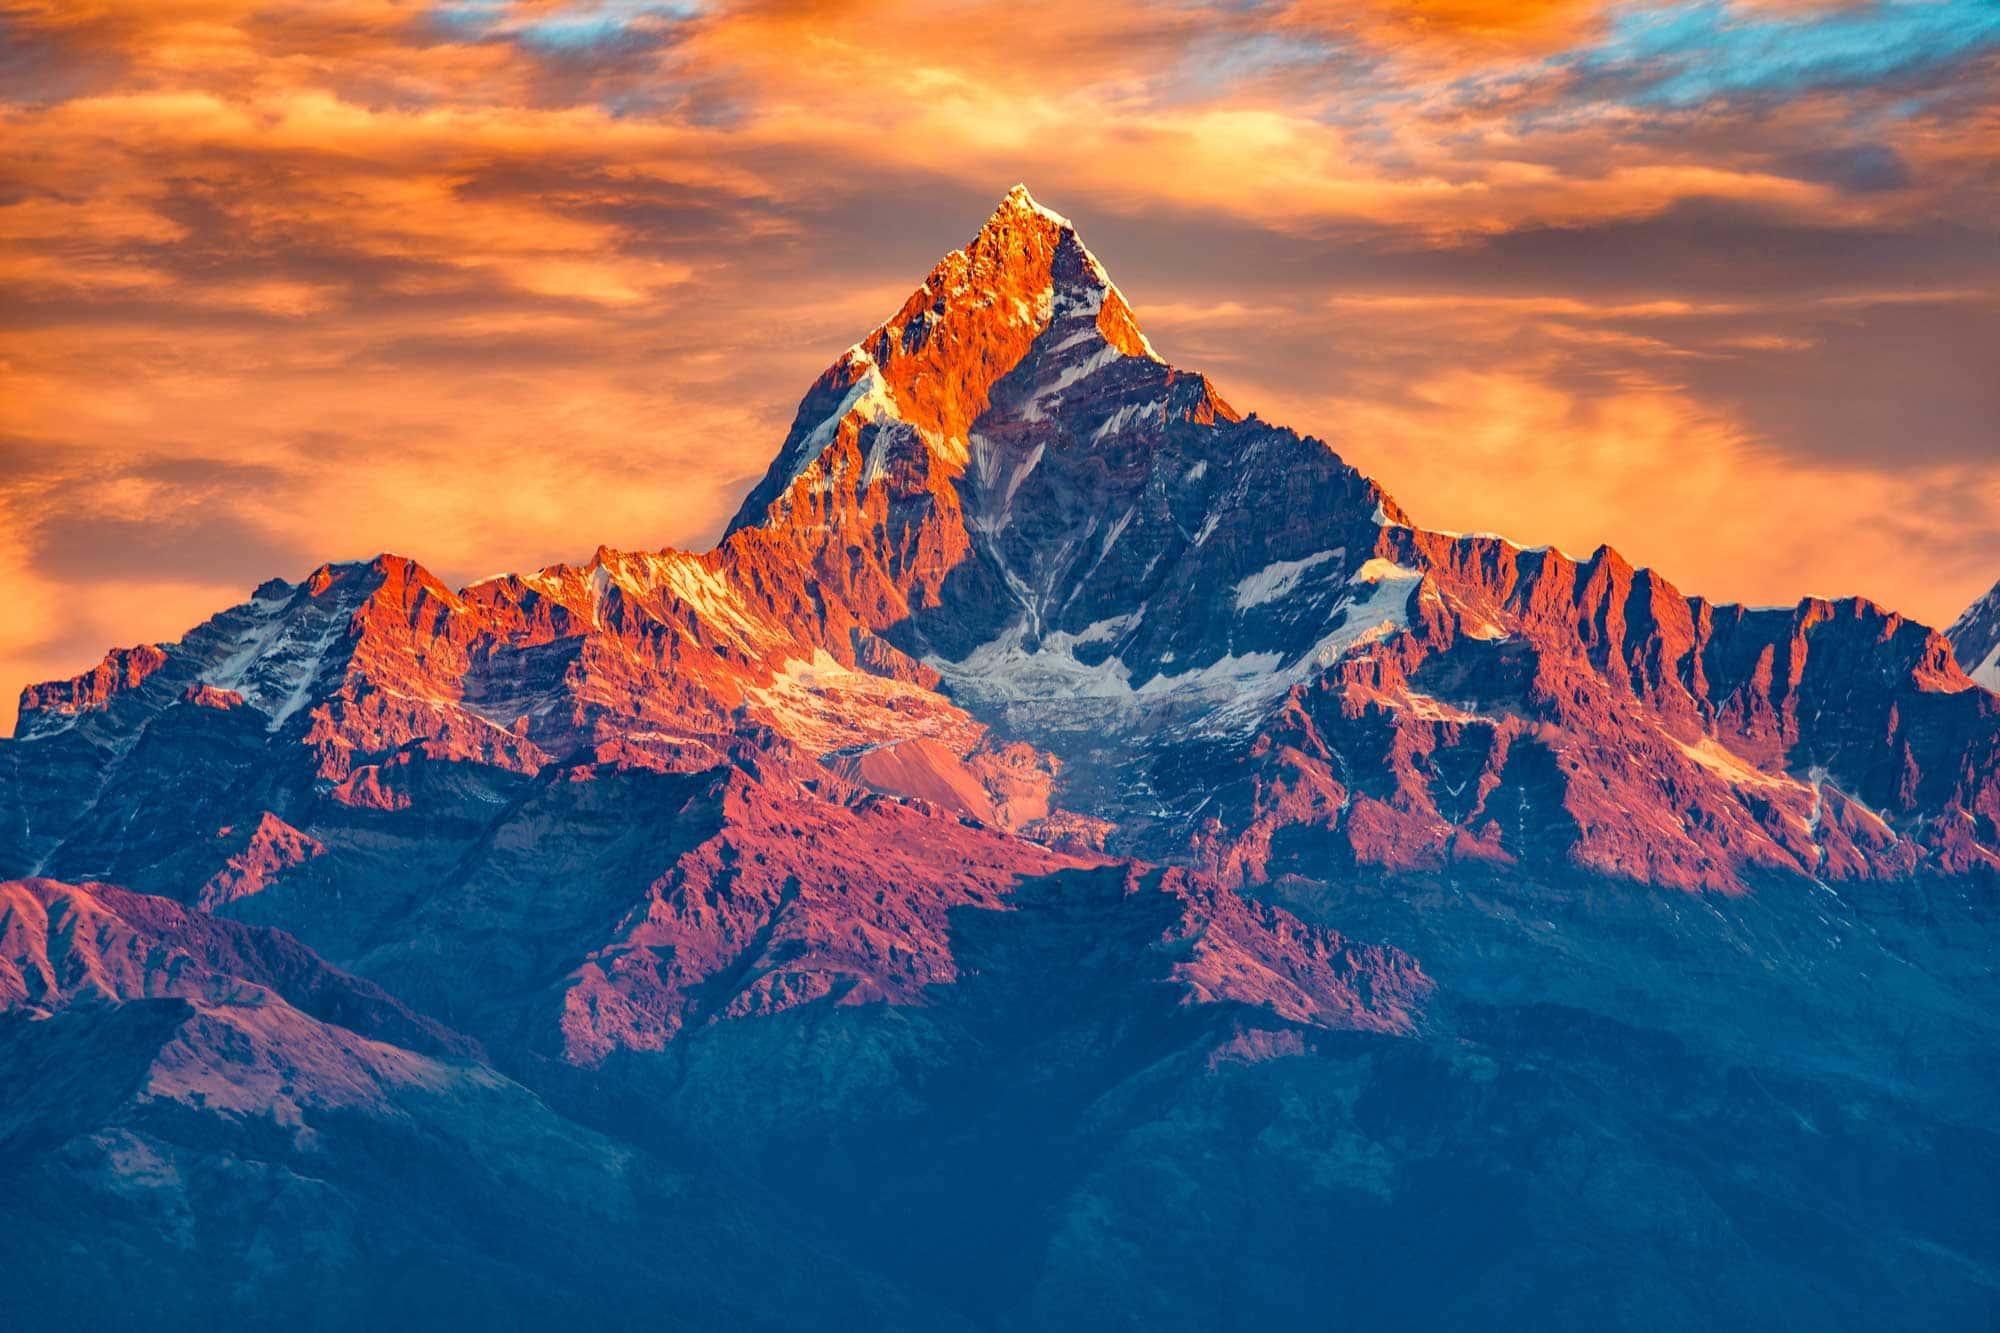 Magnifique lever de soleil nuageux dans les montagnes avec la crête de neige